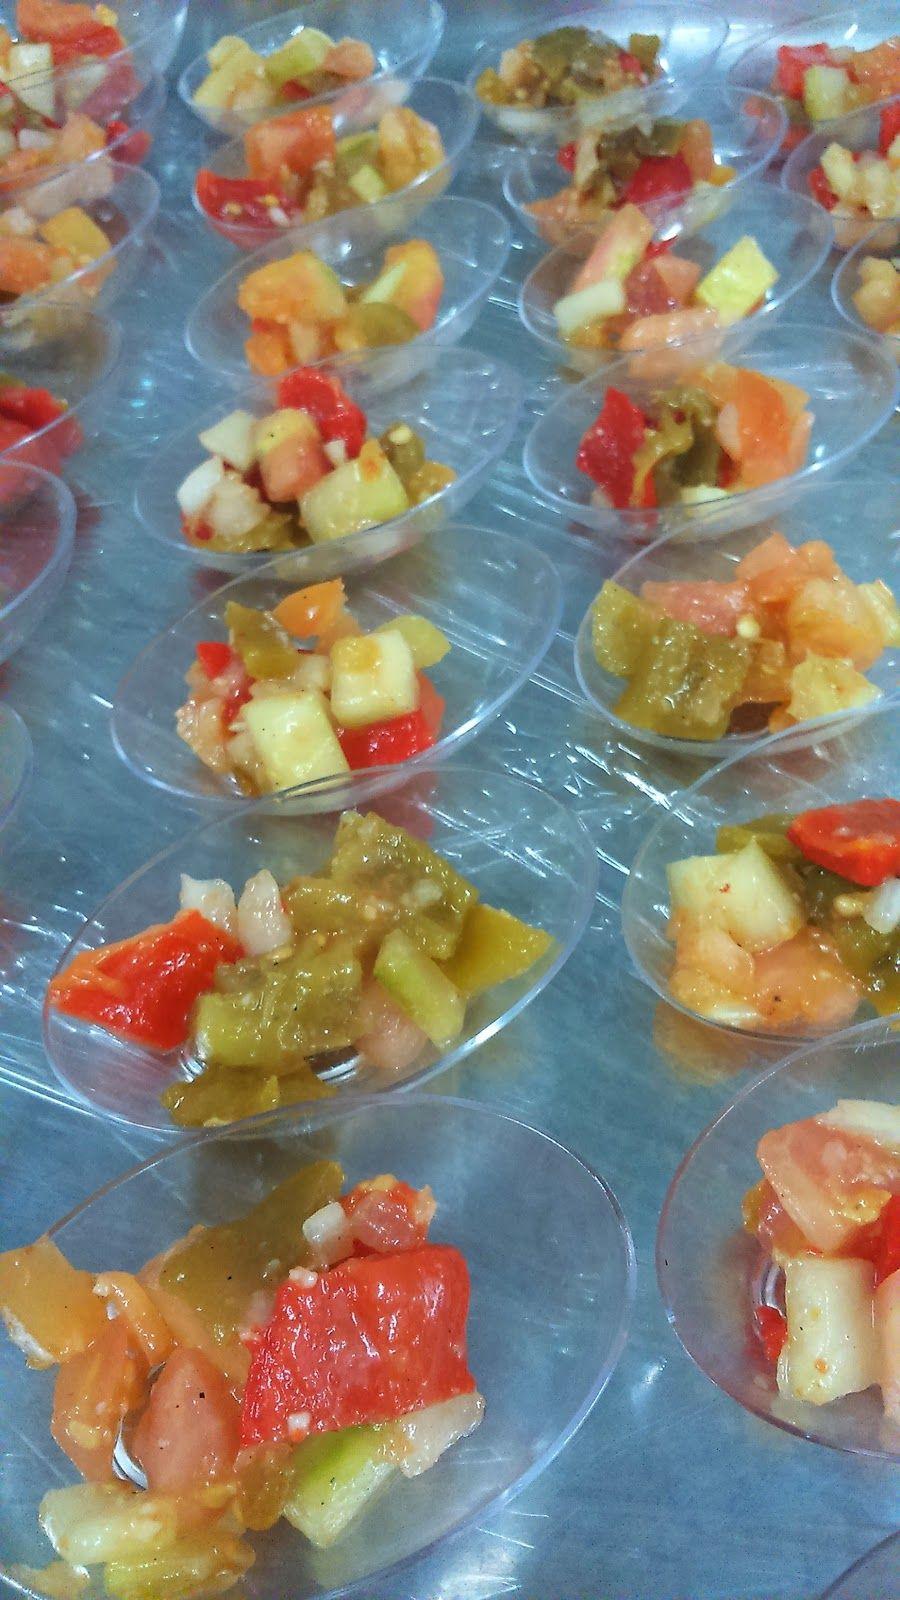 Dicas E Truques Na Cozinha Gourmet Salada De Legumes Confitados